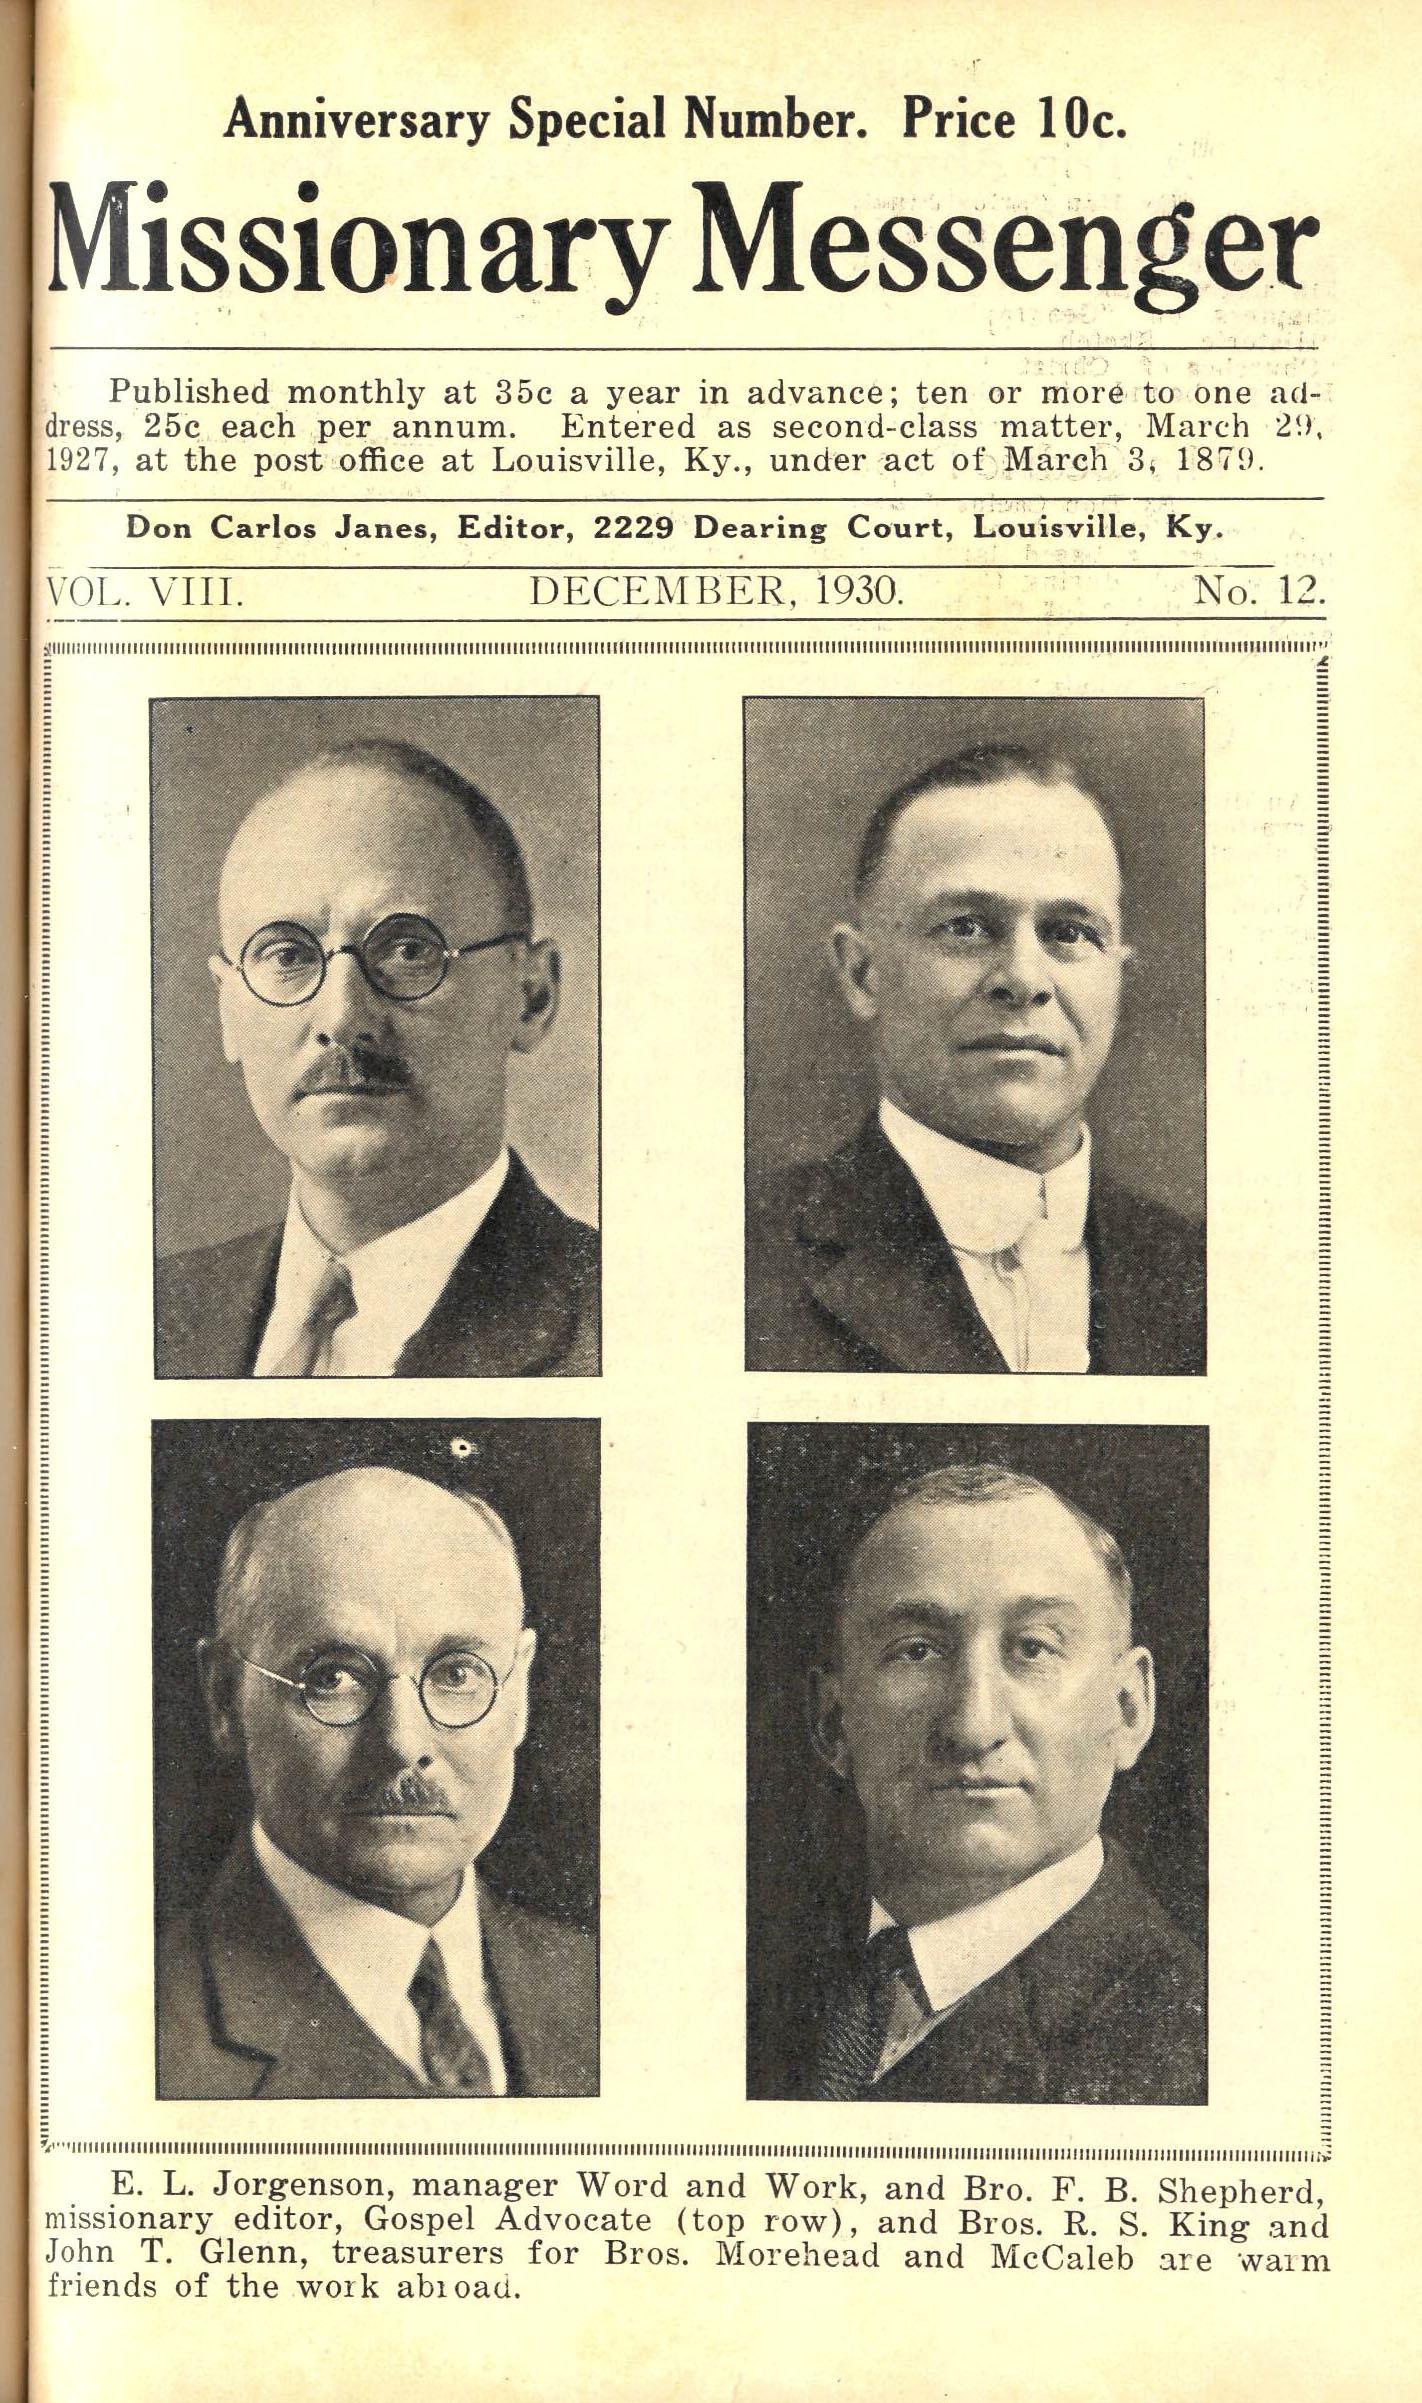 Missionary Messenger, December 1930, photographs of E. L. Jorgenson, F. B. Shepherd, John T. Glenn, and R. S. King.